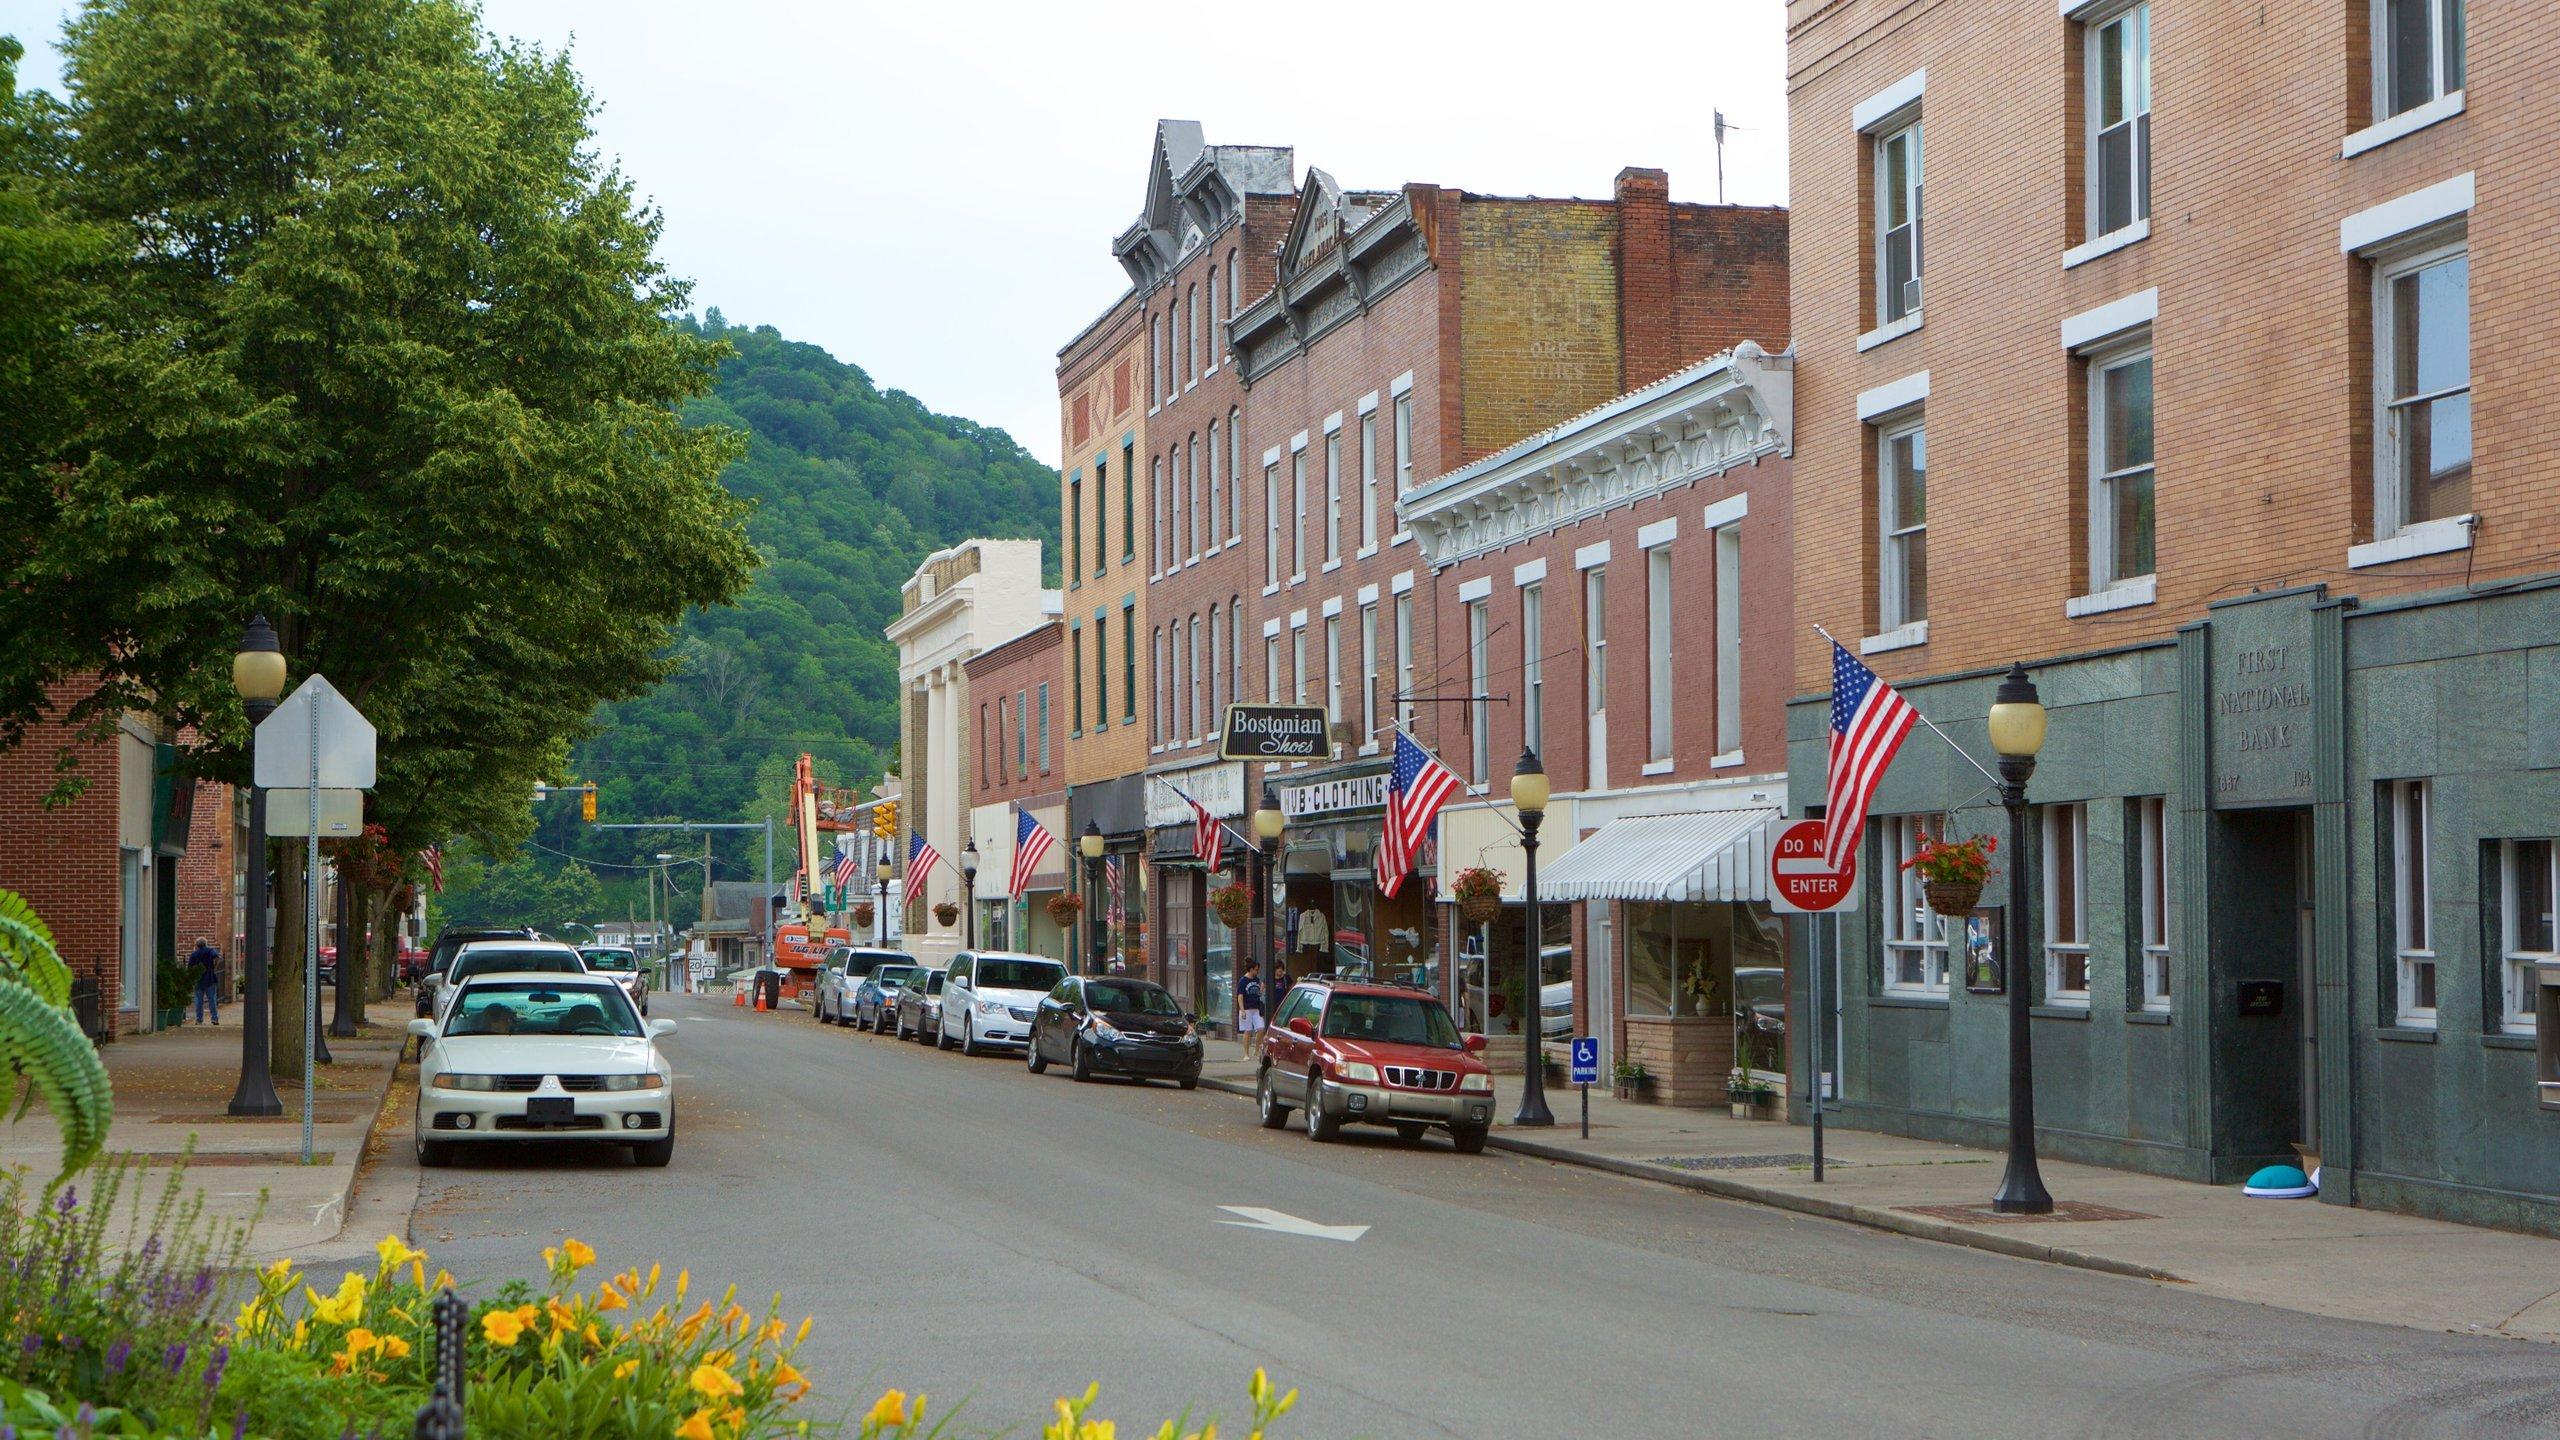 Hinton, West Virginia, United States of America